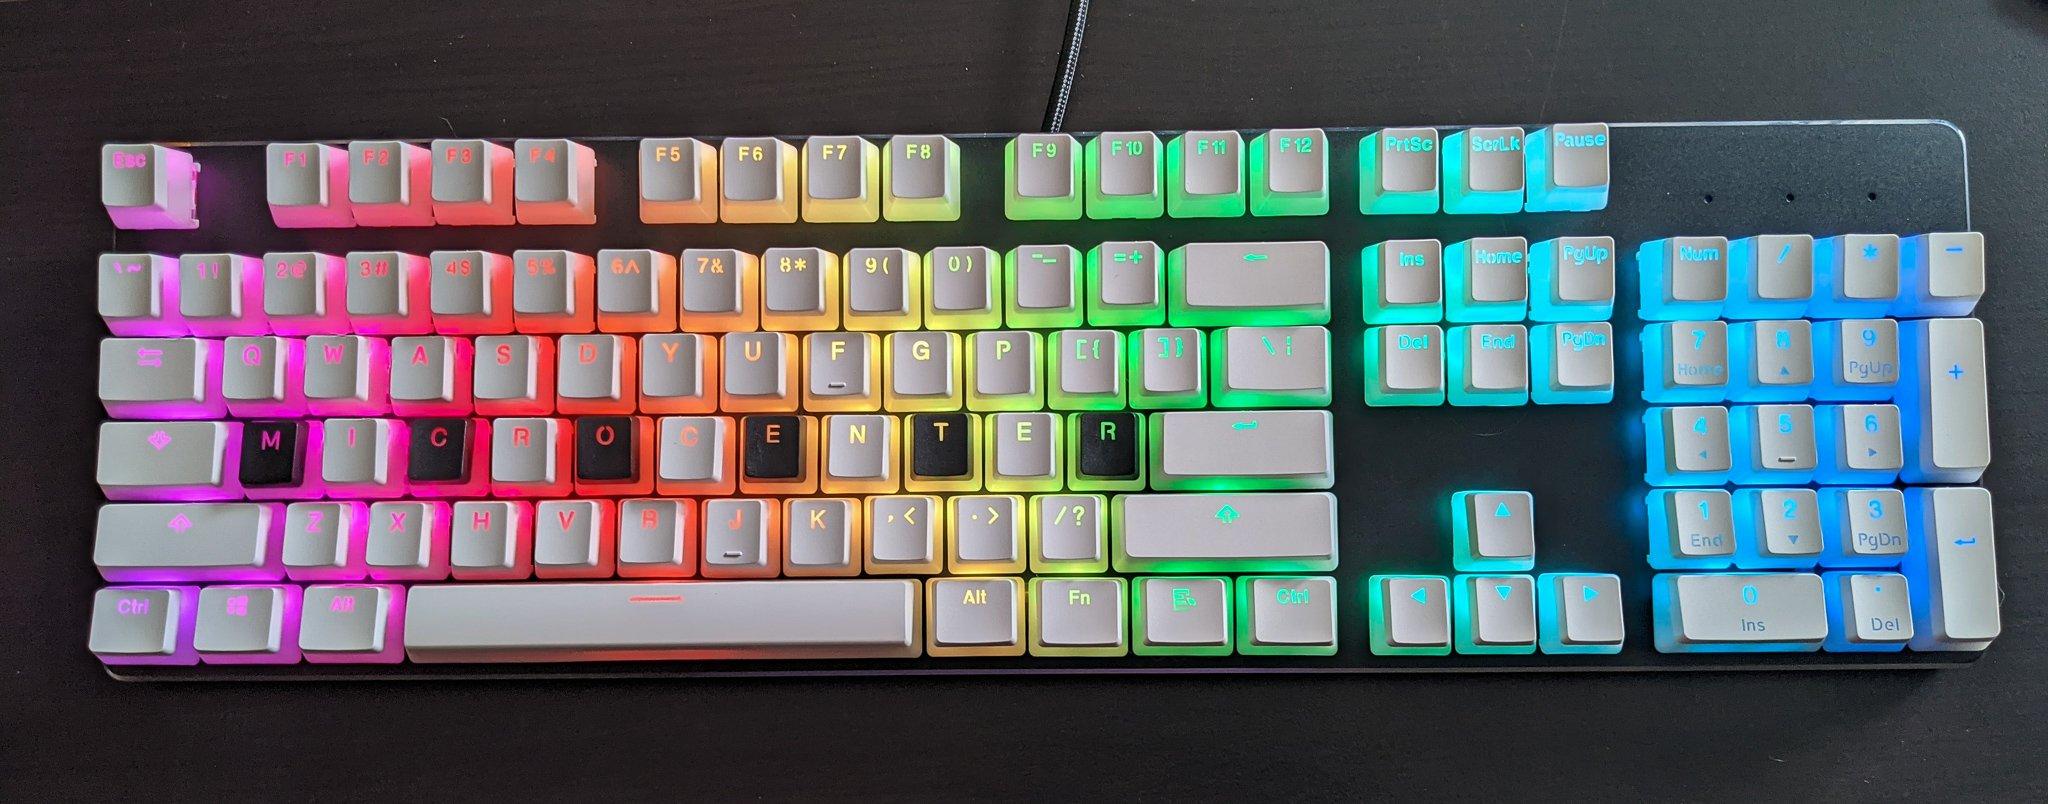 BYO-Keyboard_13.jpg